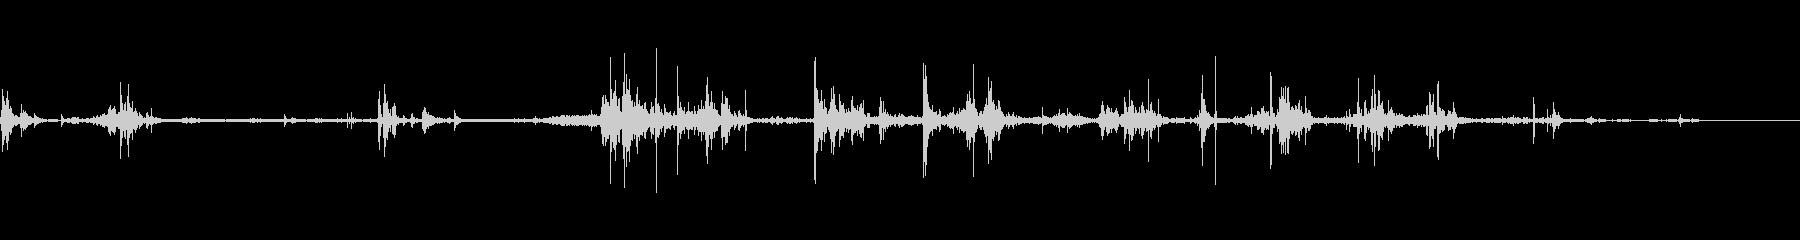 スケボーのローラーがカシャカシャ鳴る音の未再生の波形